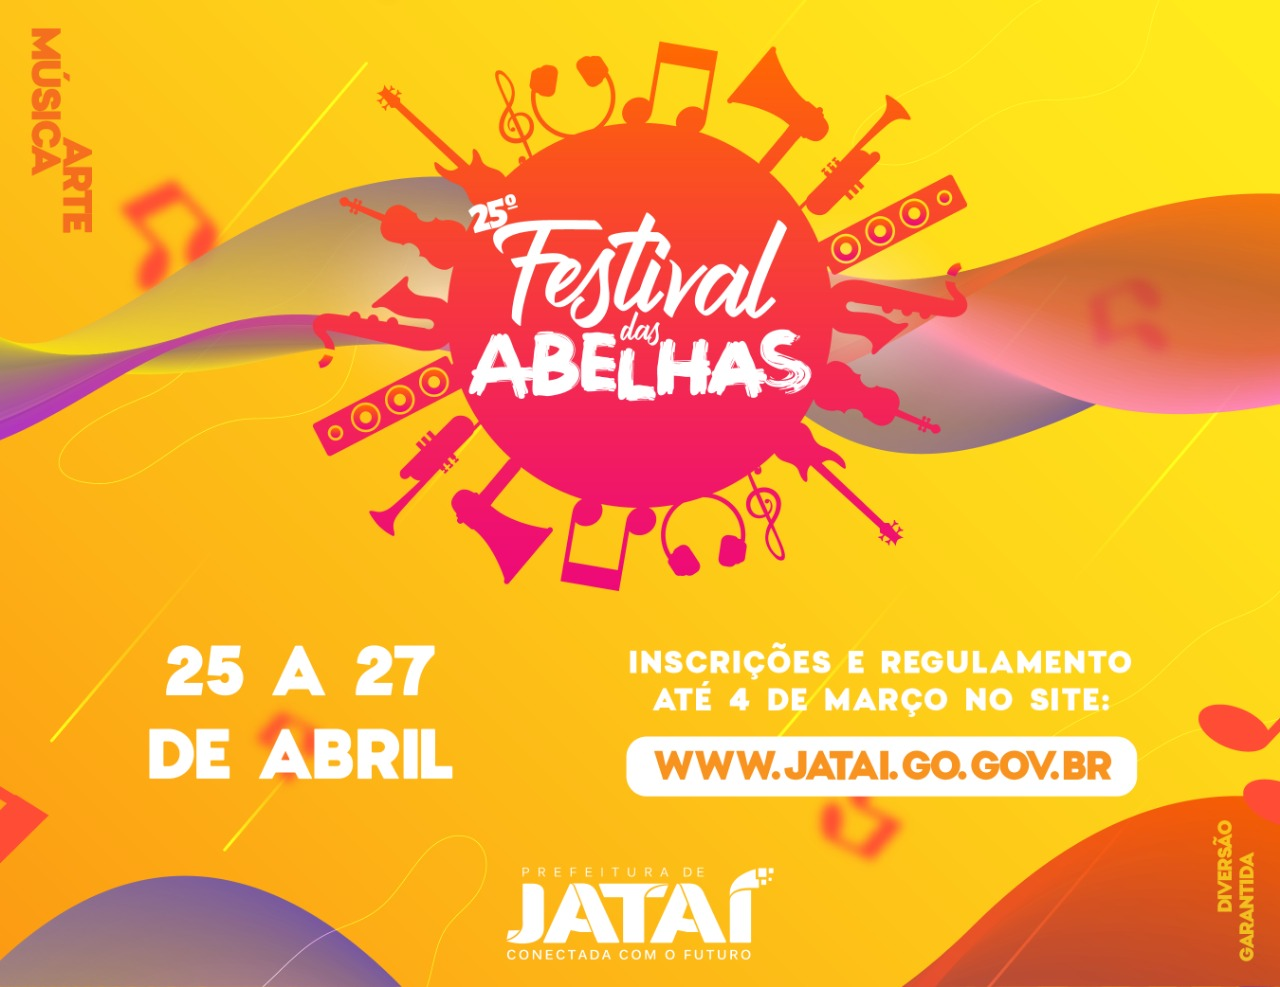 Festival das Abelhas - Inscrições Abertas